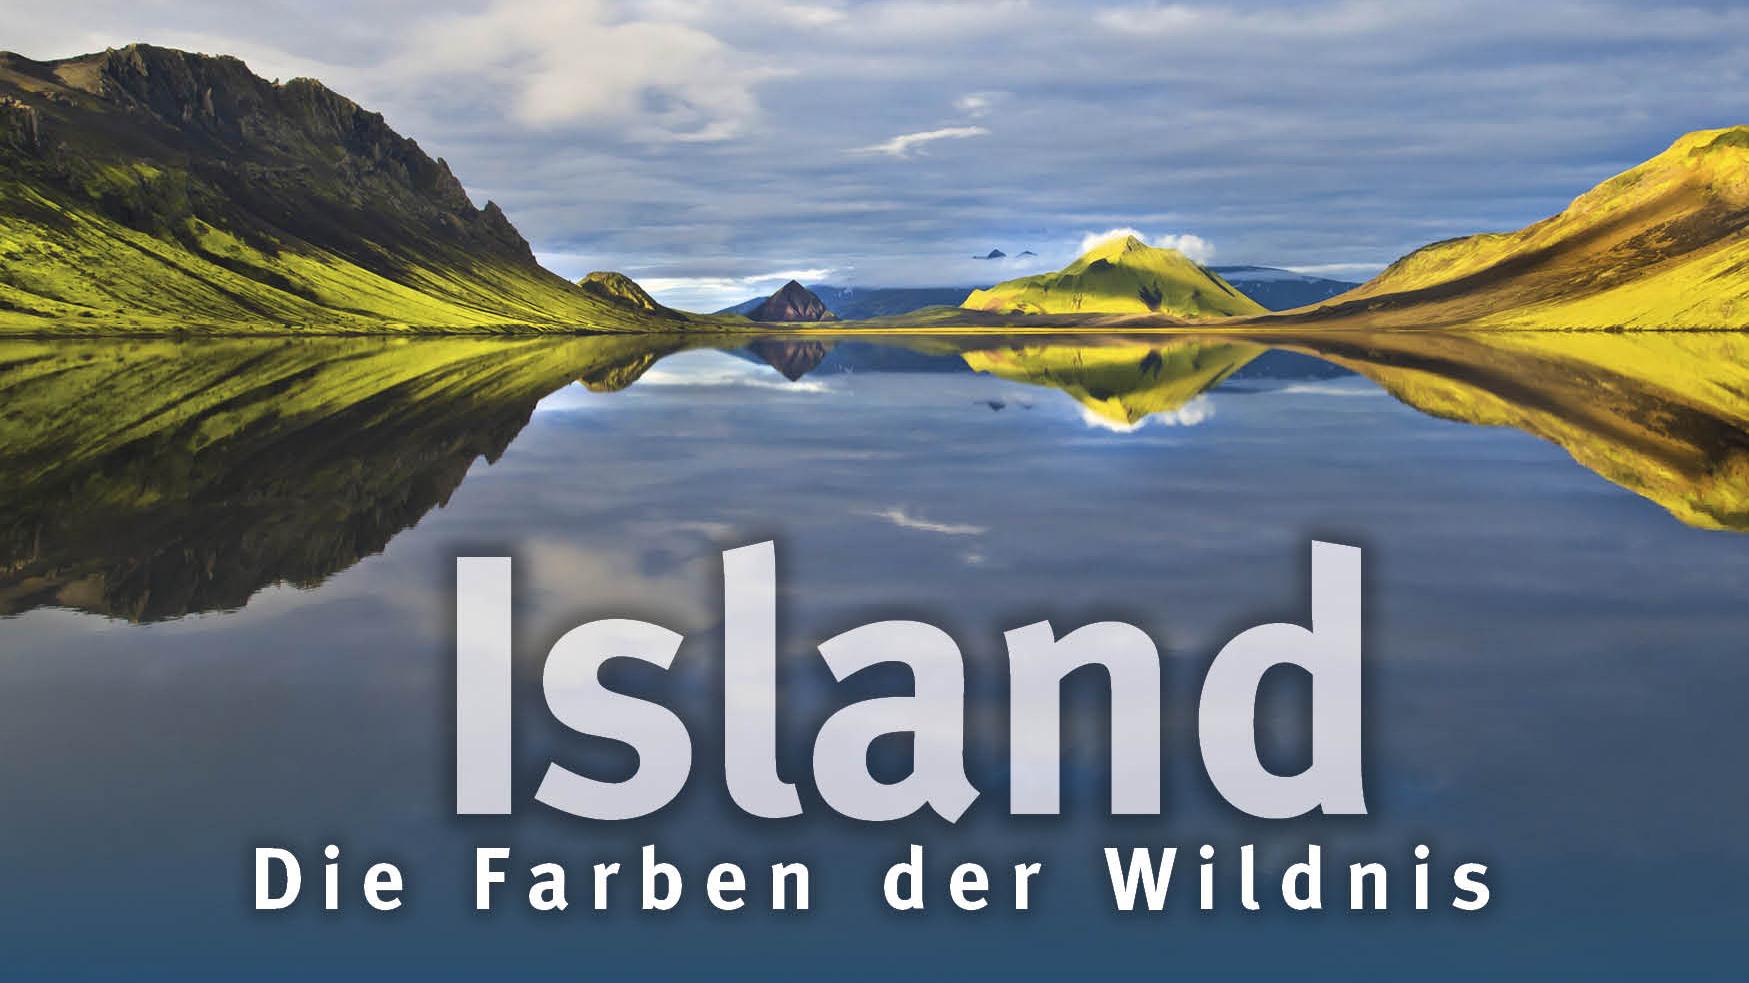 Island - die Farben der Wildnis